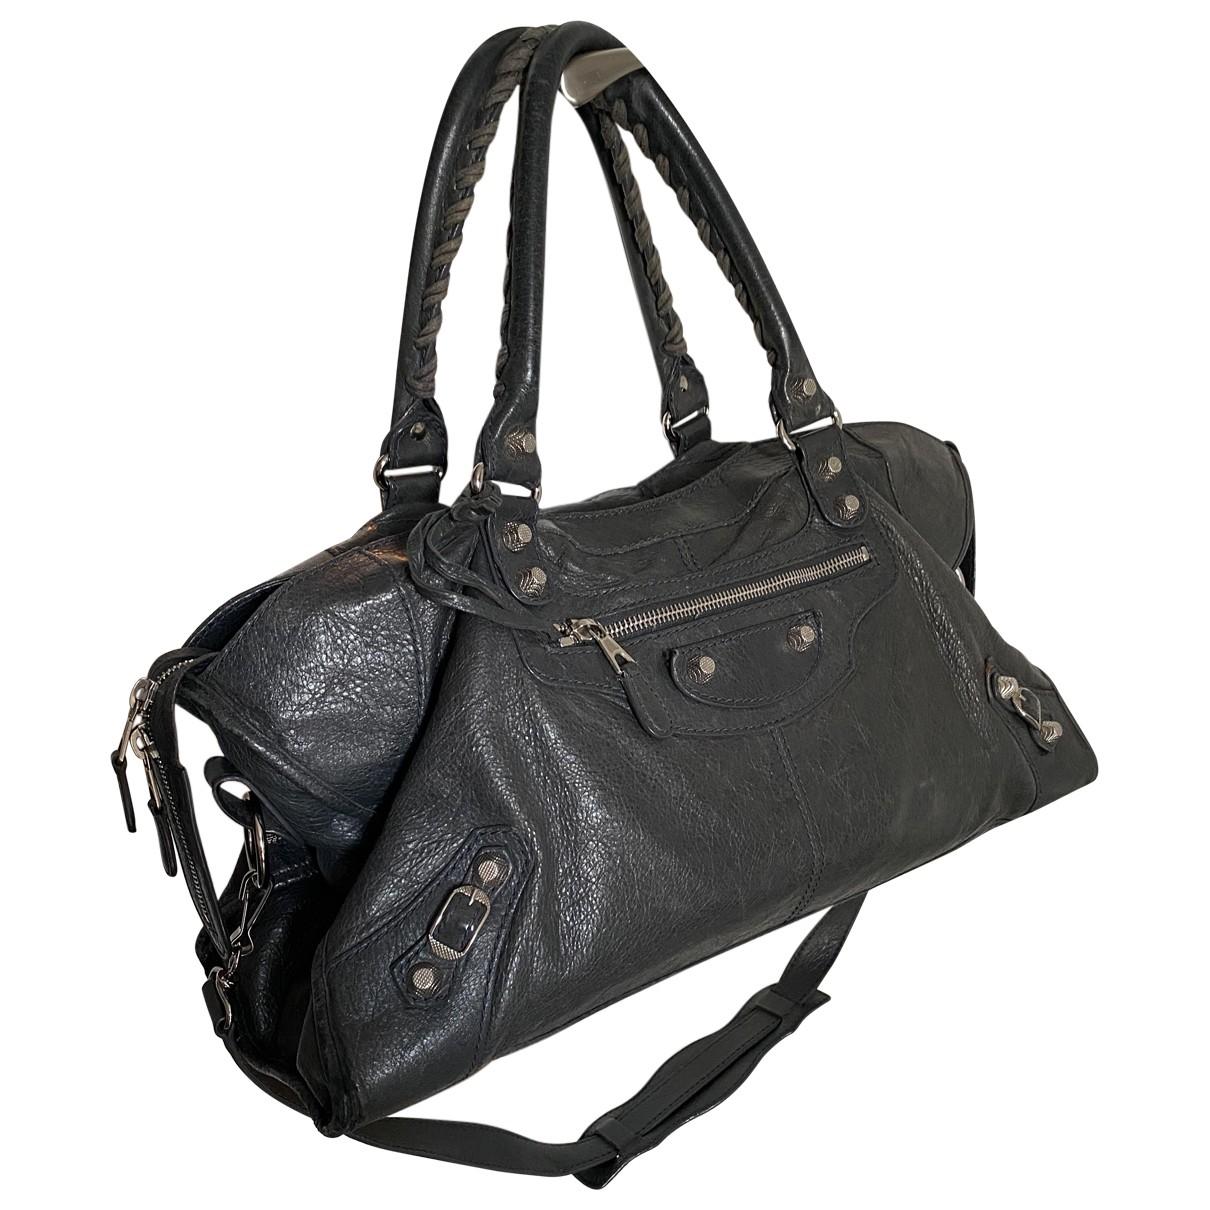 Balenciaga - Sac a main Part Time pour femme en cuir - gris